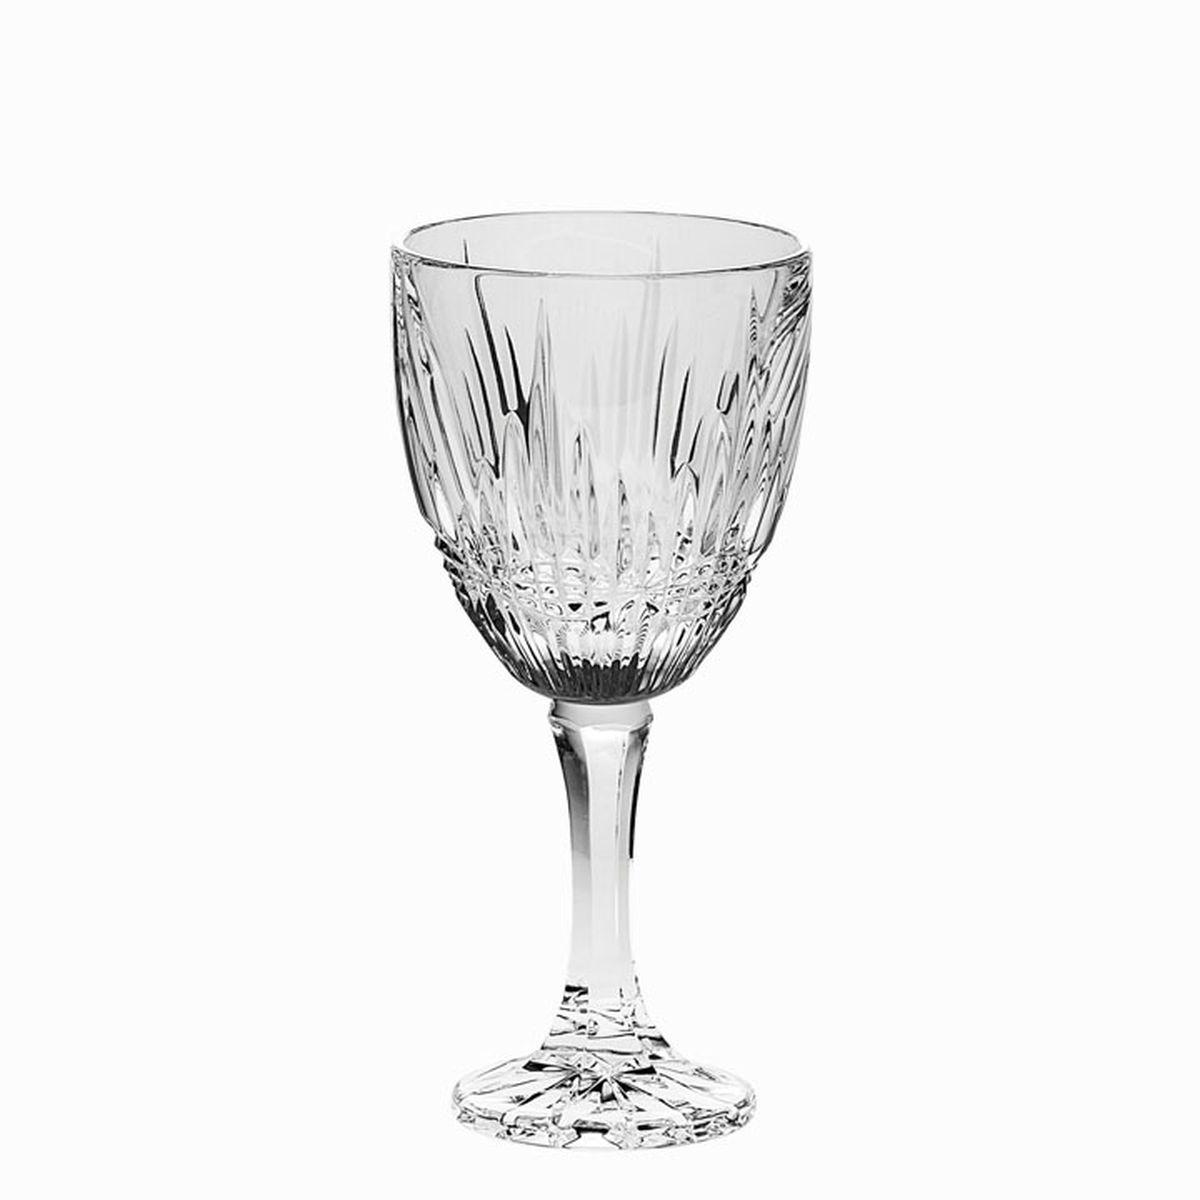 Набор рюмок для вина Crystal Bohemia Vibes, 250 мл, 6 шт990/12520/0/24355/250-609Набор Crystal Bohemia включает 6 рюмок для вина, выполненных из хрусталя. Это настоящий чешский хрусталь с содержанием оксида свинца 24%, что придает изделиям поразительную прозрачность и чистоту, невероятный блеск, присущий только ювелирным изделиям, особое, ни с чем не сравнимое светопреломление и игру всеми красками спектра как при естественном, так и при искусственном освещении.Продукция из хрусталя соответствует всем европейским и российским стандартам качества и безопасности. Традиции чешских мастеров передаются из поколения в поколение, а высокая художественная ценность изделий признана искушенными ценителями во всем мире.